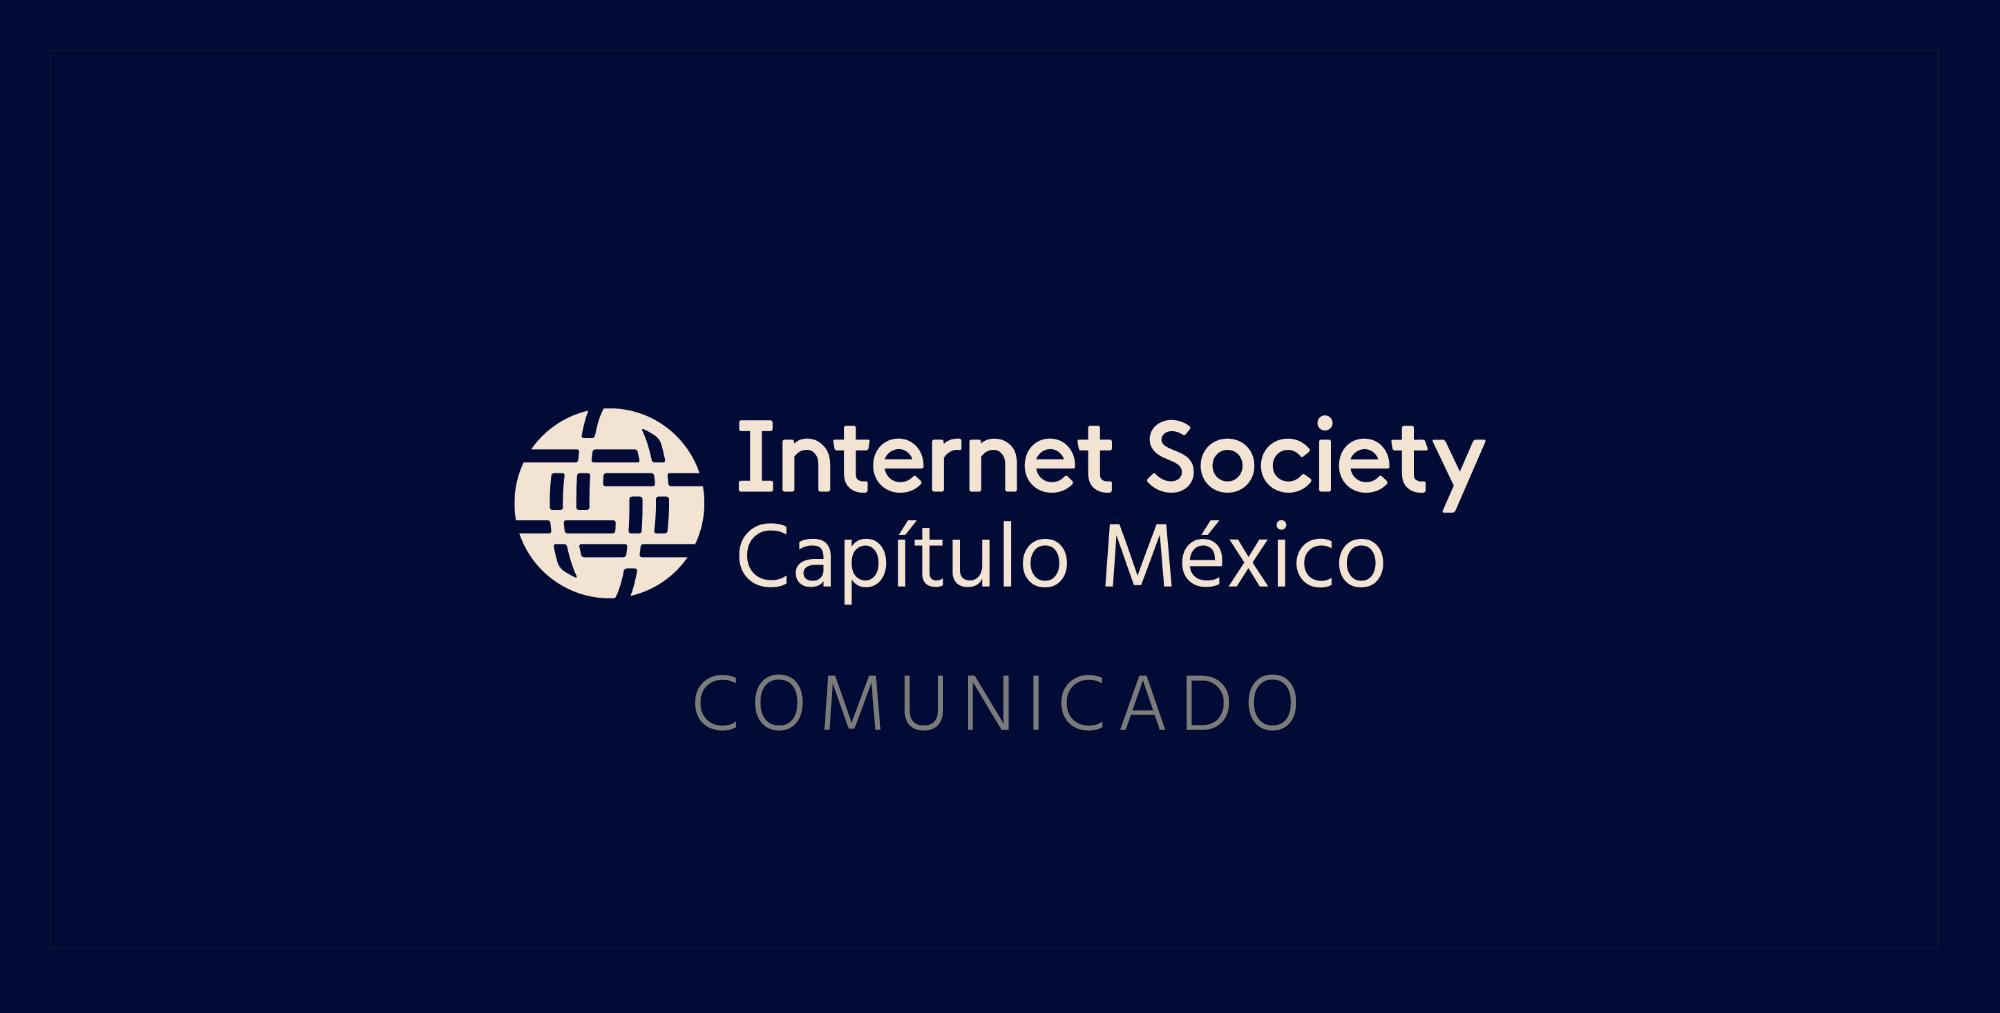 Internet Society Chapter Mexico - COMUNICADO